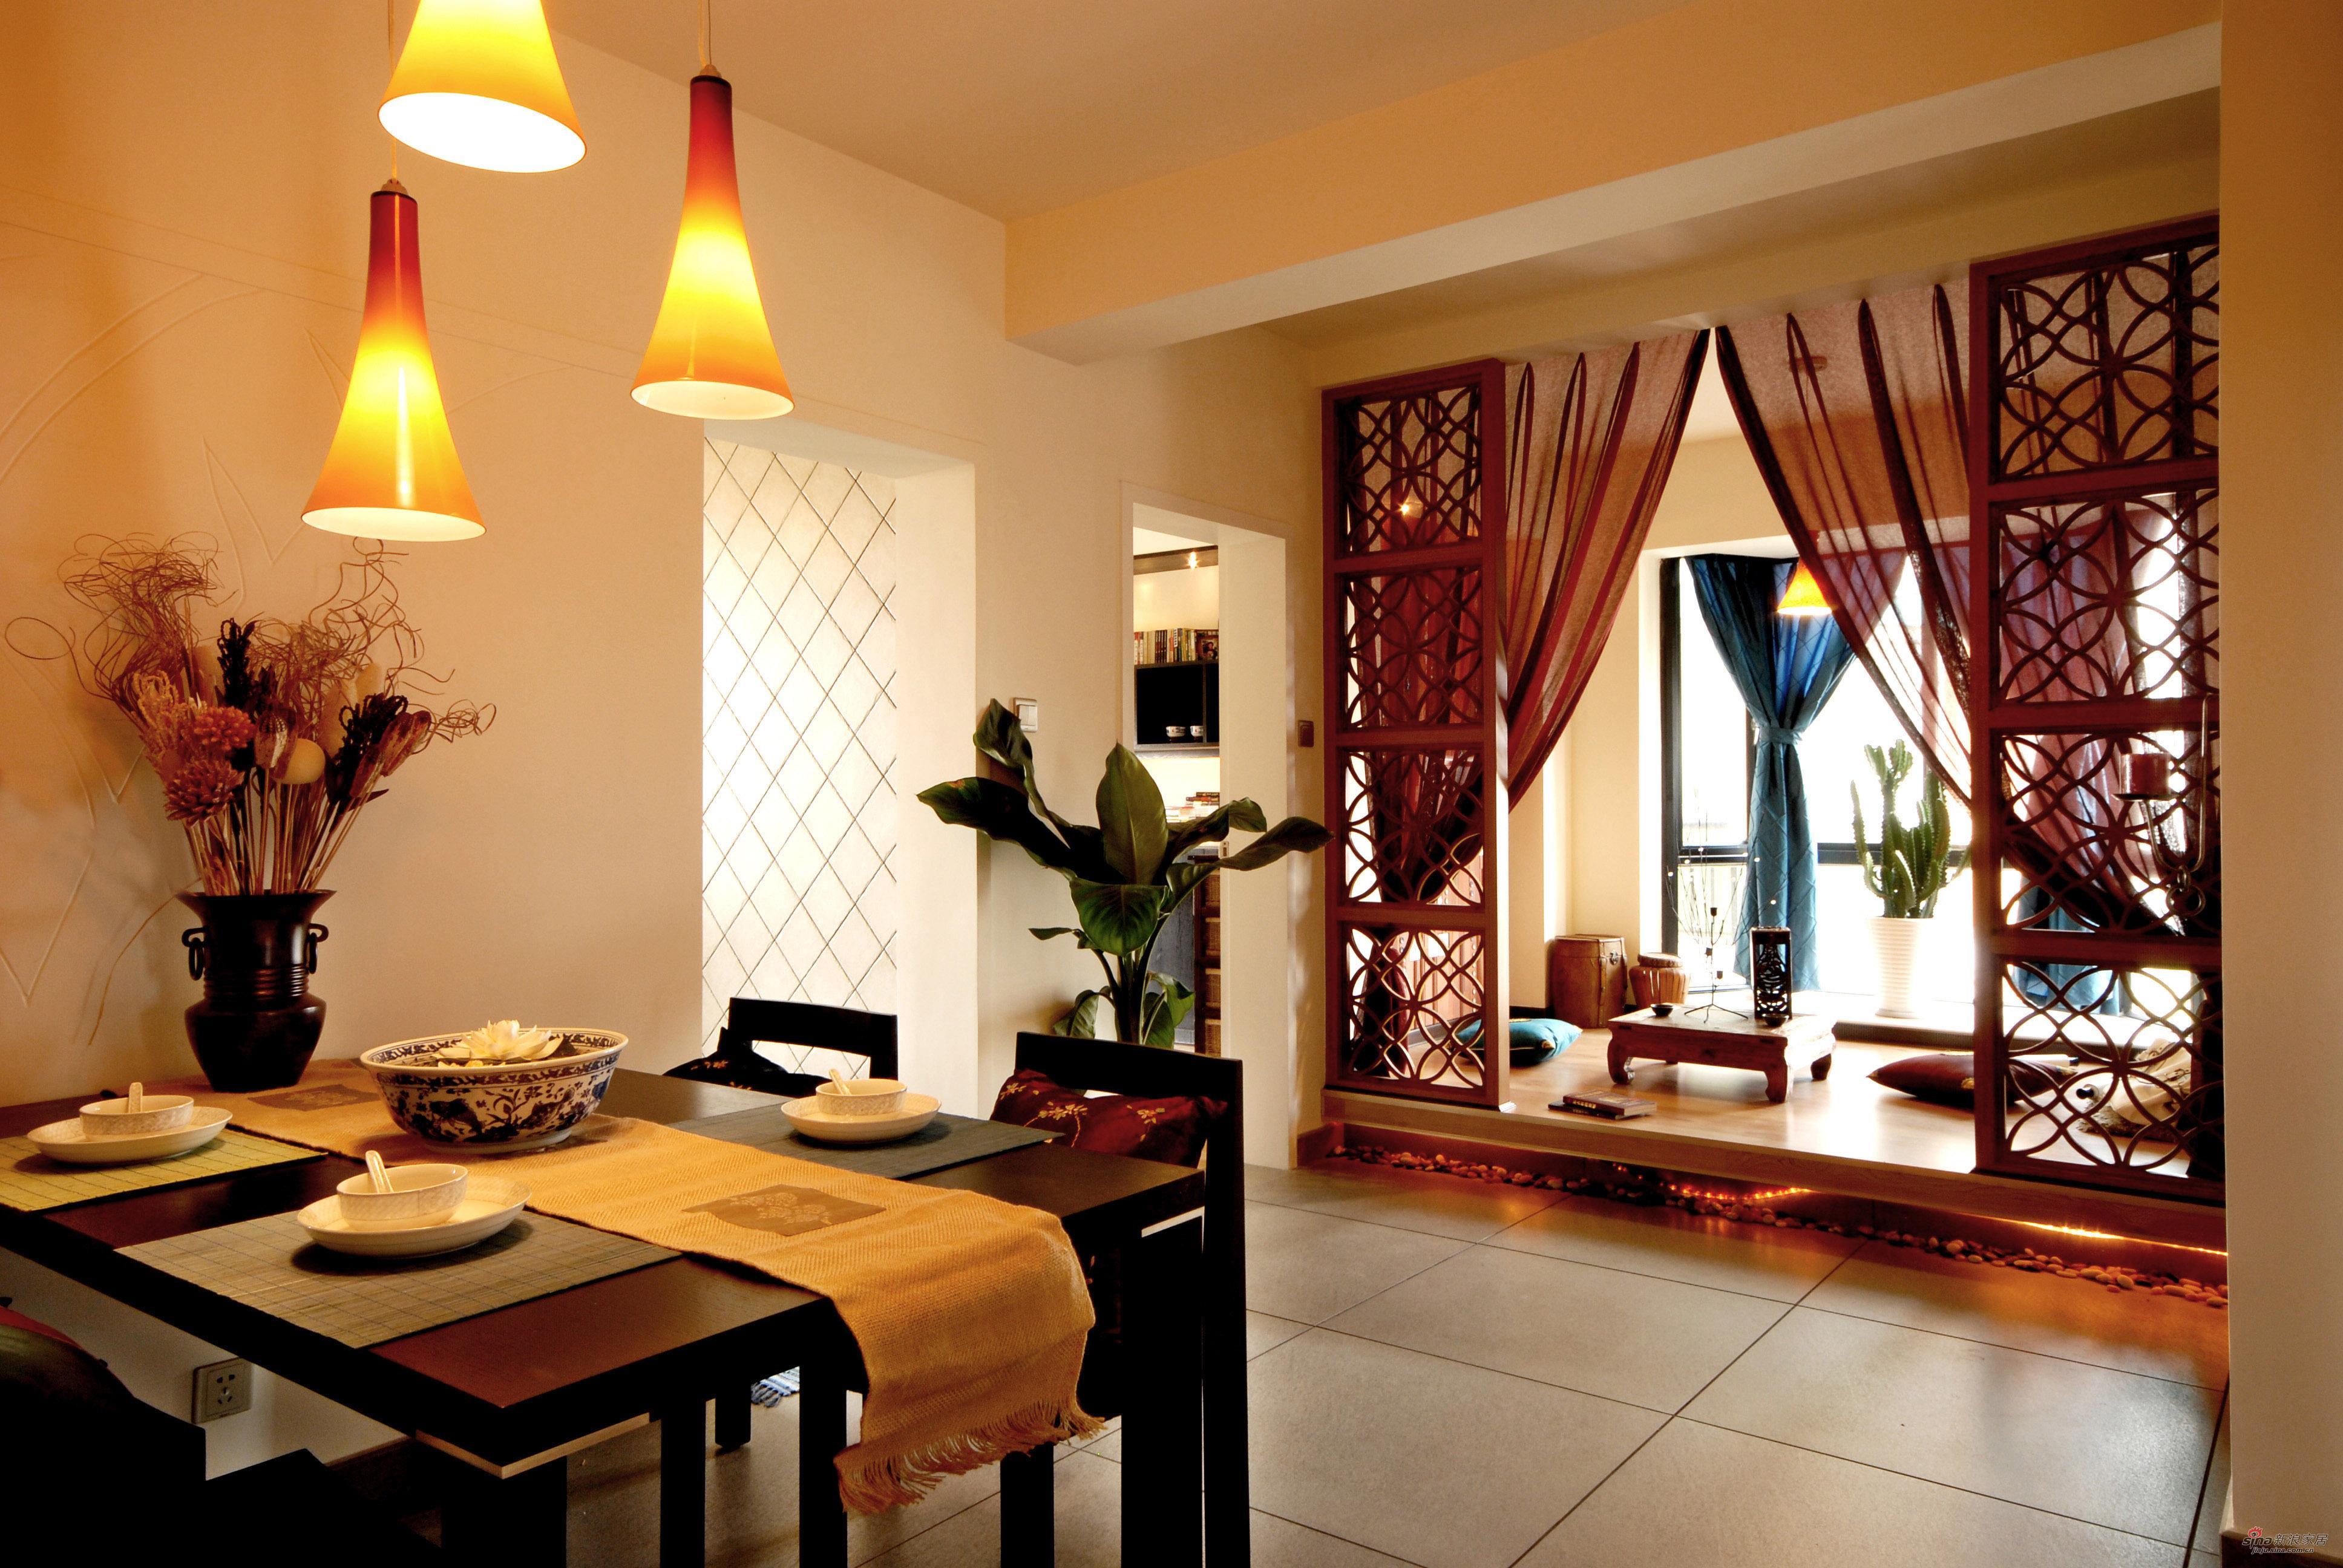 典雅餐厅和美丽品茶桌